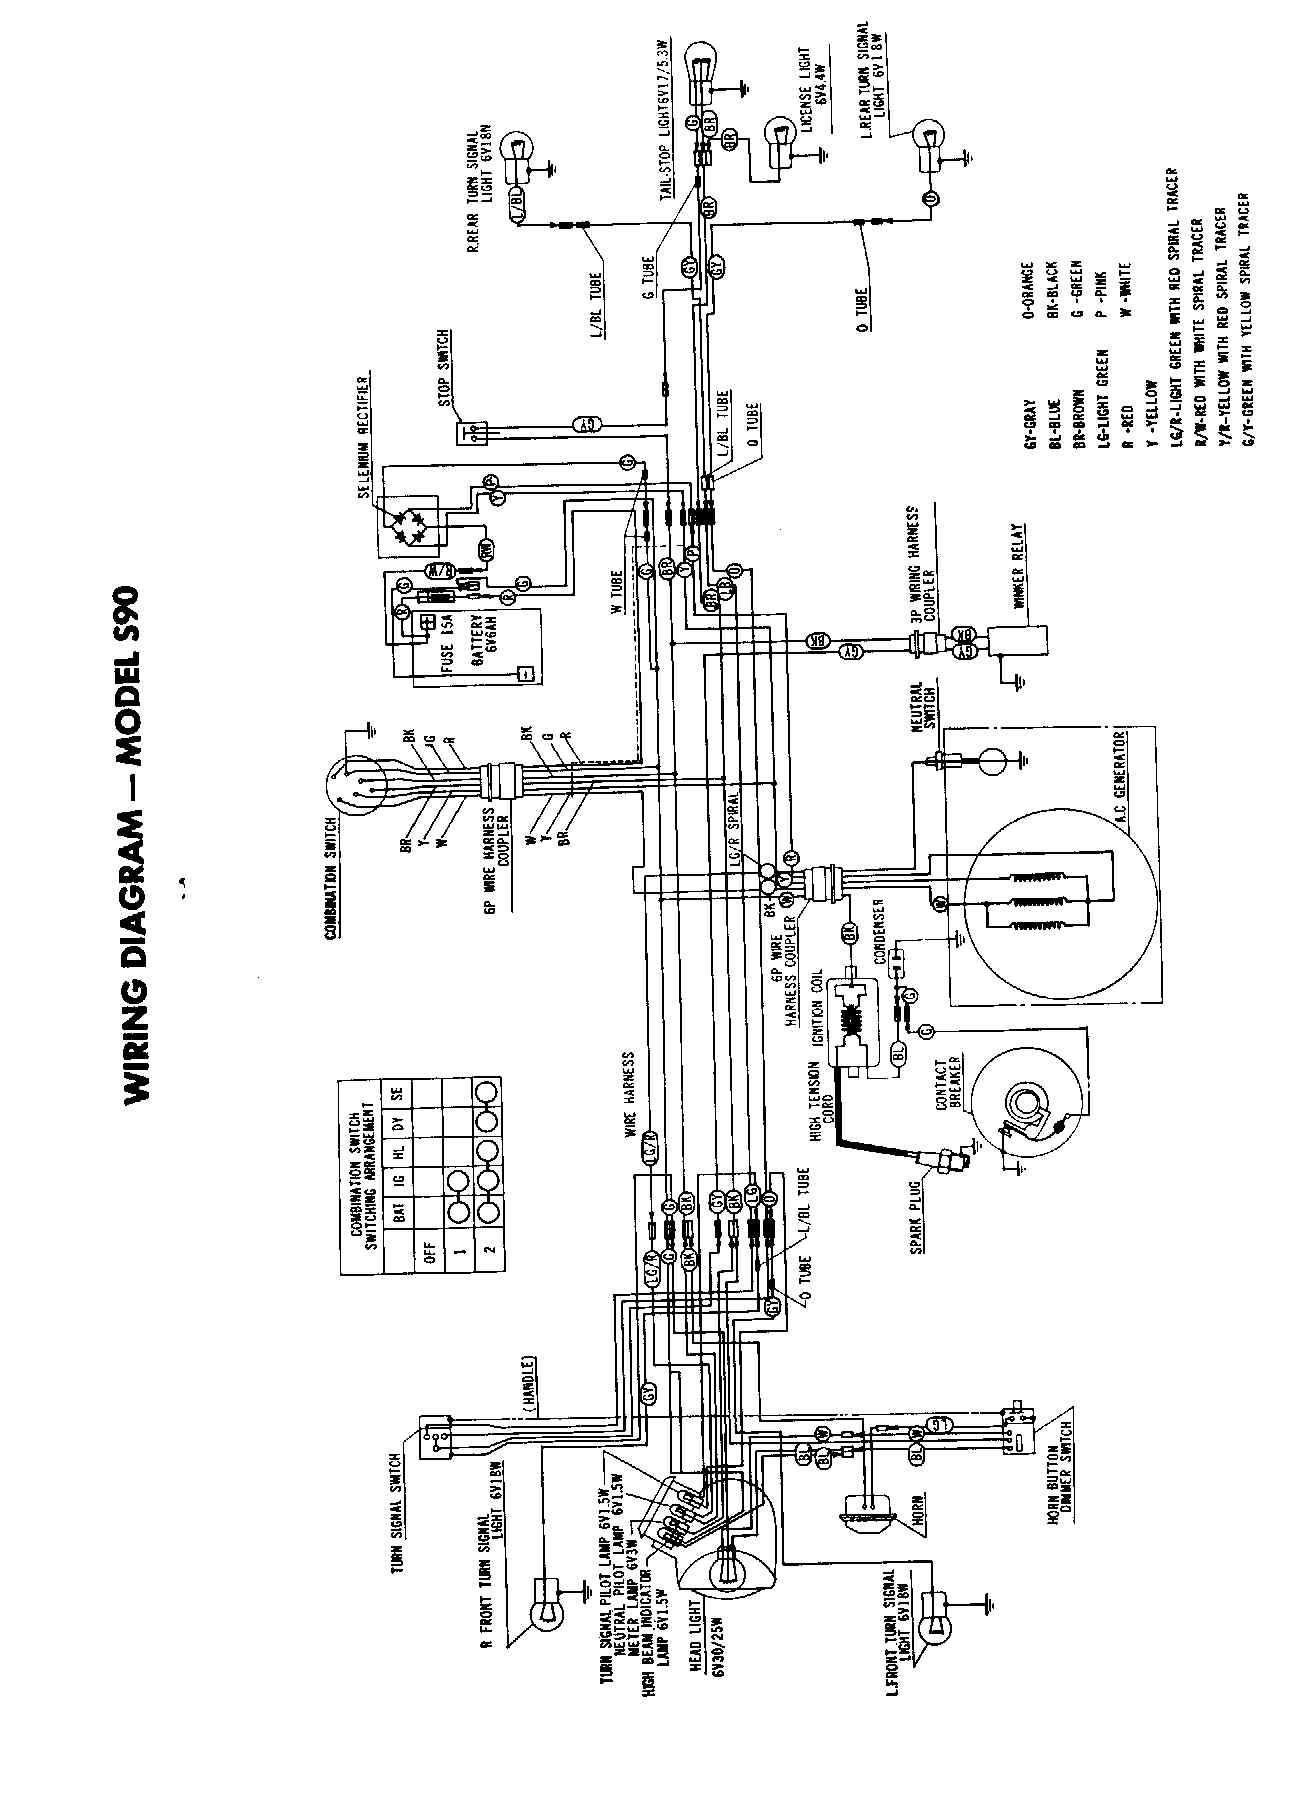 honda s90 wiring harness honda s90 wiring wiring diagram  honda s90 wiring wiring diagram